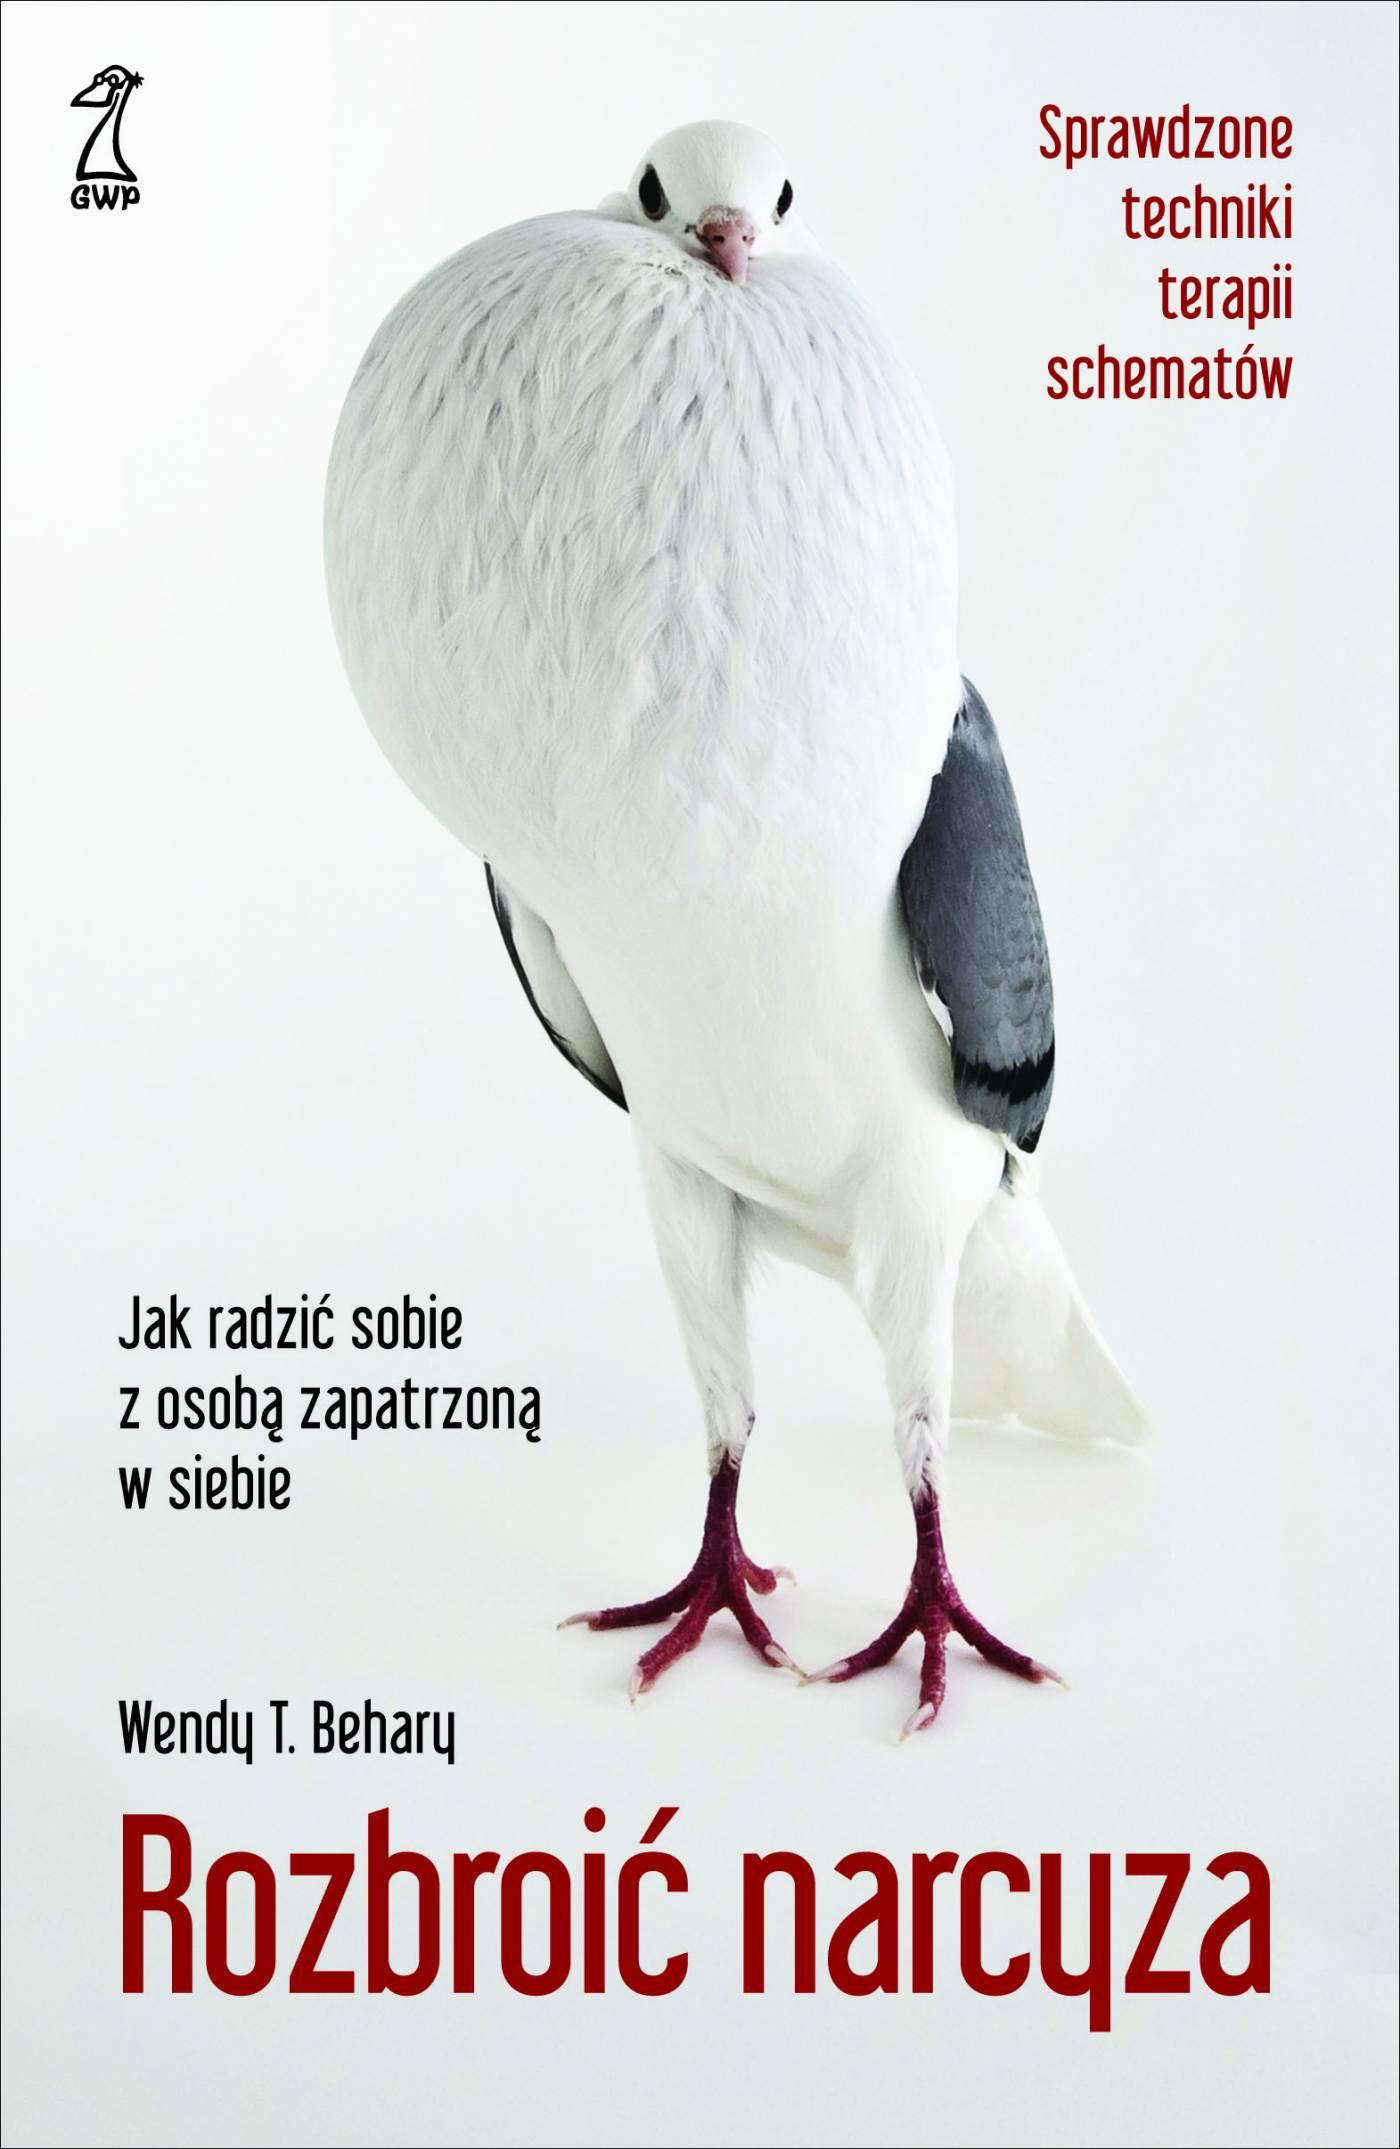 Rozbroić narcyza. Jak radzić sobie z osobą zapatrzoną w siebie - Ebook (Książka EPUB) do pobrania w formacie EPUB